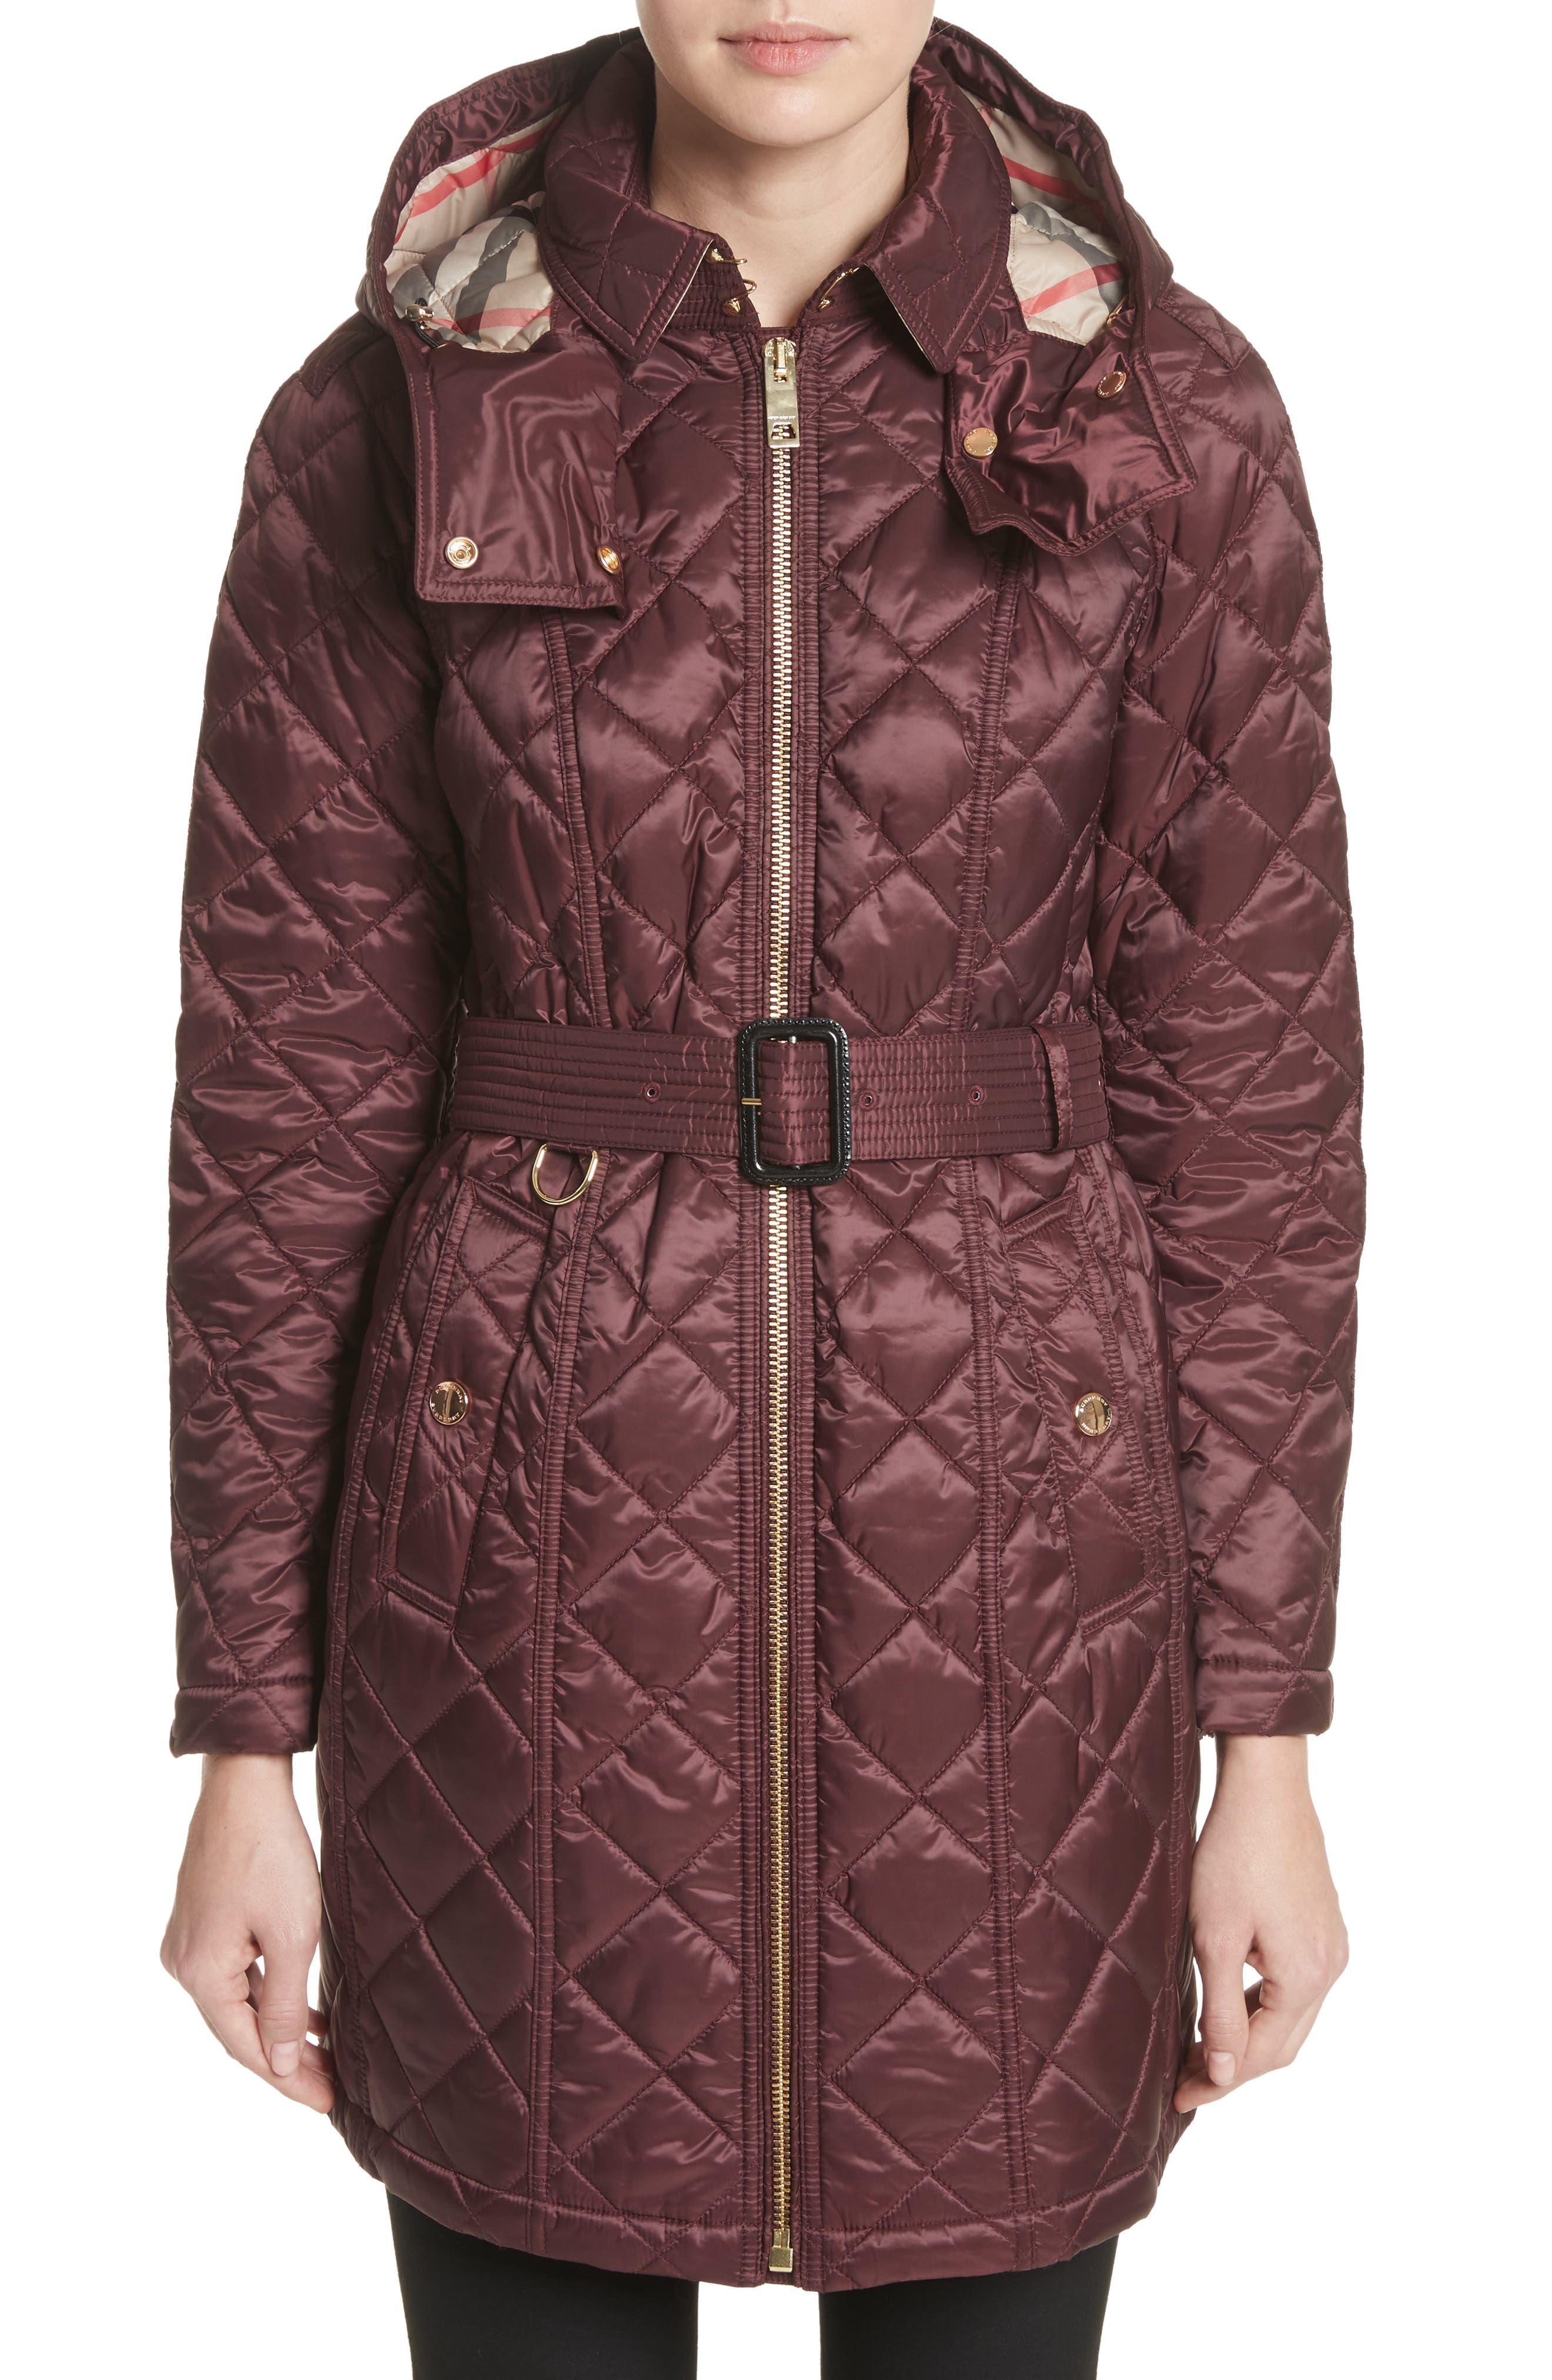 Burberry mantel fake